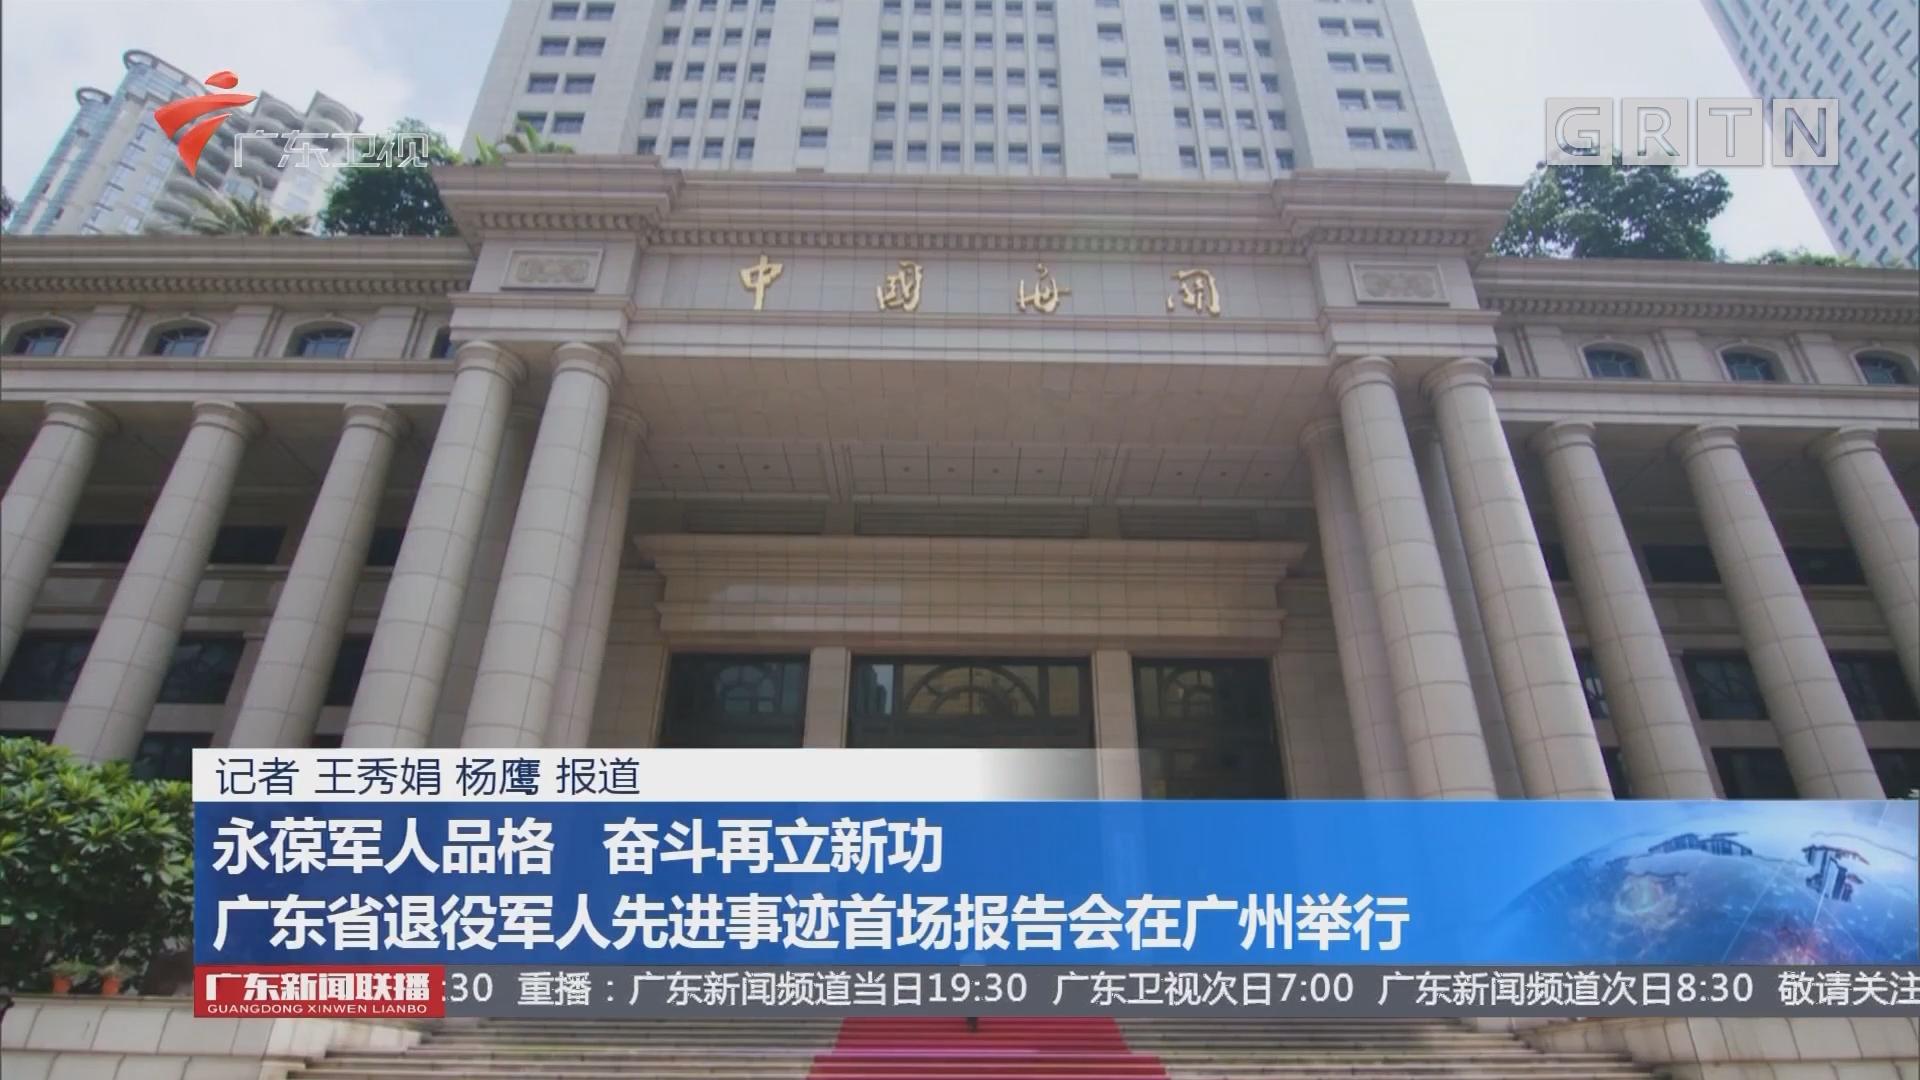 永葆军人品格 奋斗再立新功 广东省退役军人先进事迹首场报告会在广州举行